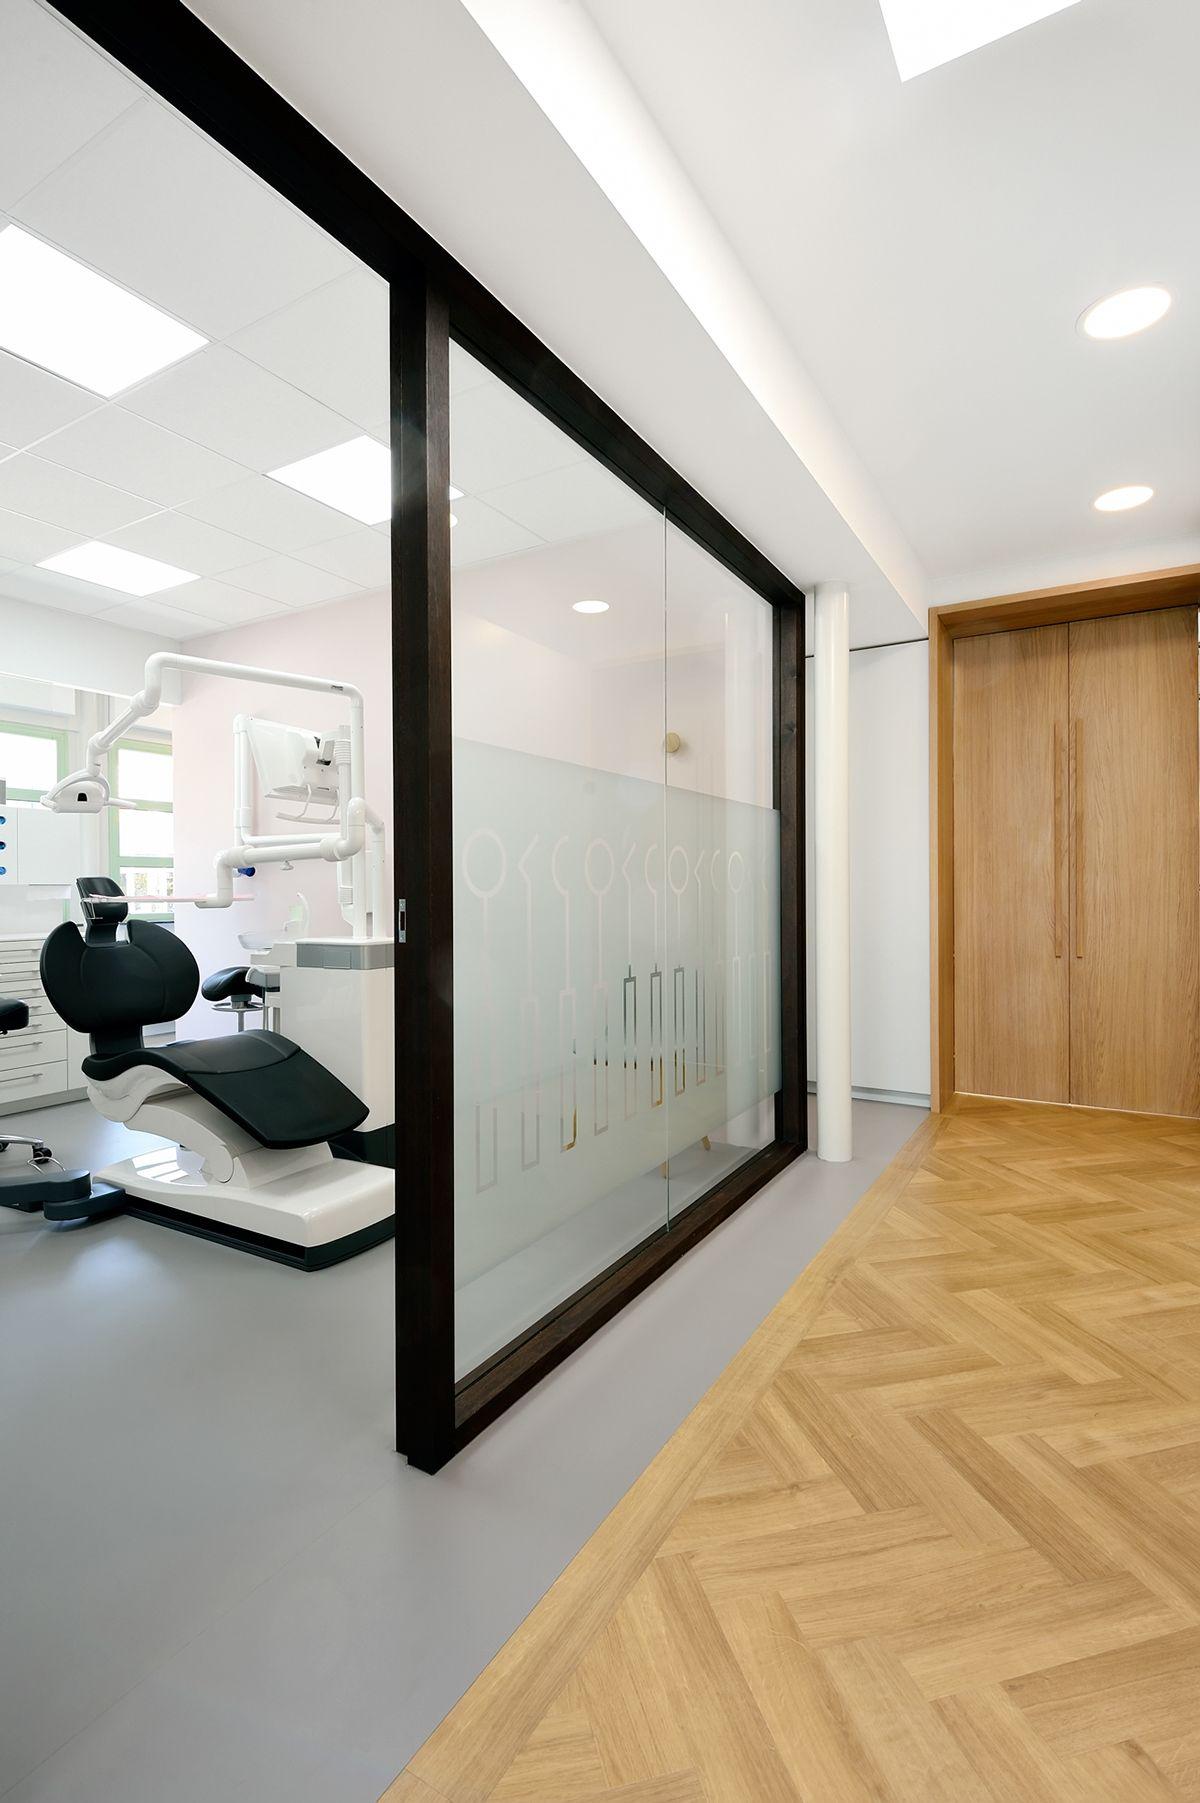 Vevs Interior Design Developed For Dentists Frank Poorter A Distinctive Practice An Balanced